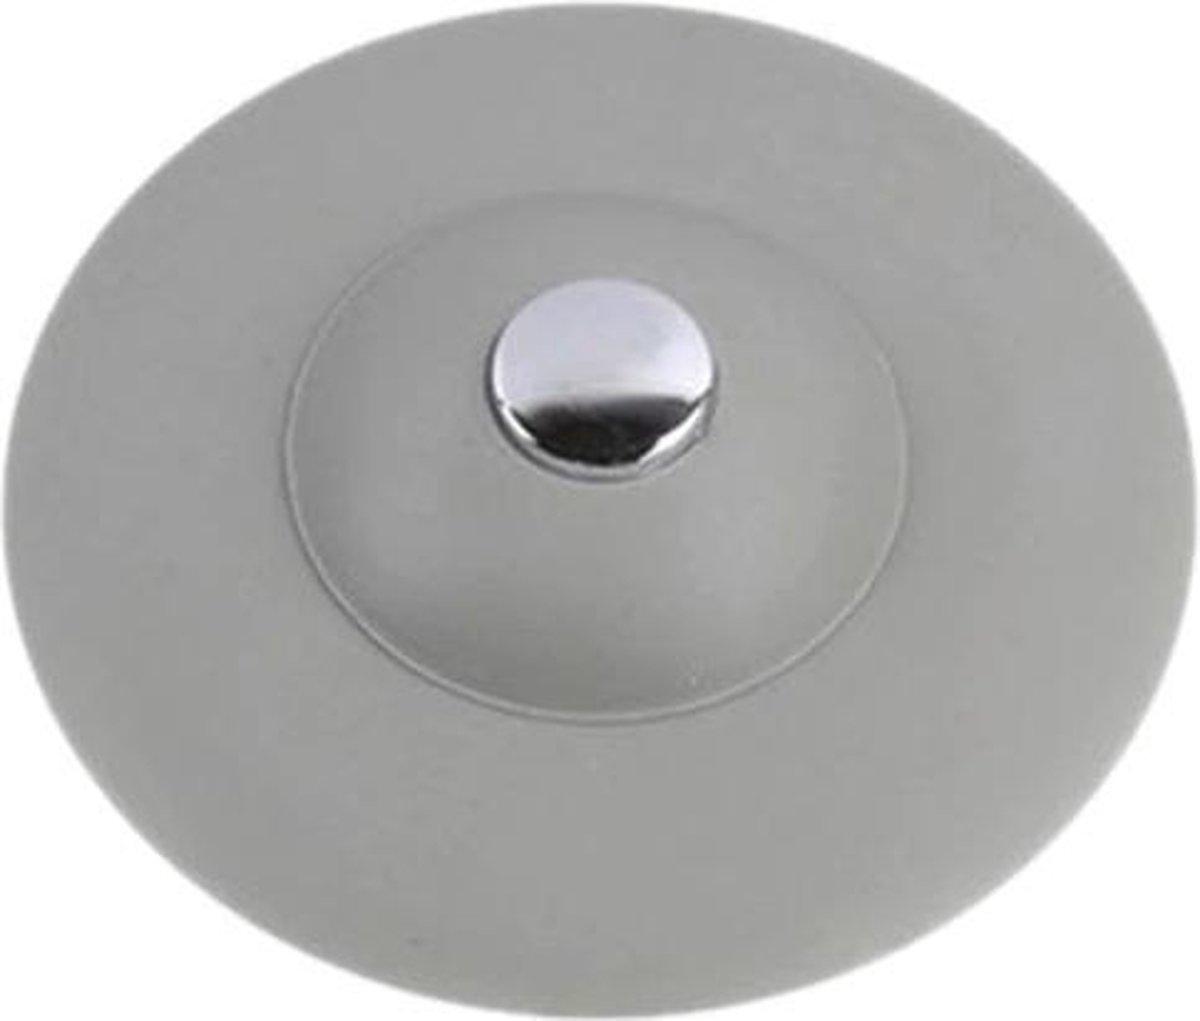 Afvoerstop - Gootsteen Zeef s - Wasbak UFO - Water stopper - Haar vanger - Thermo Plastic Rubber - Grij